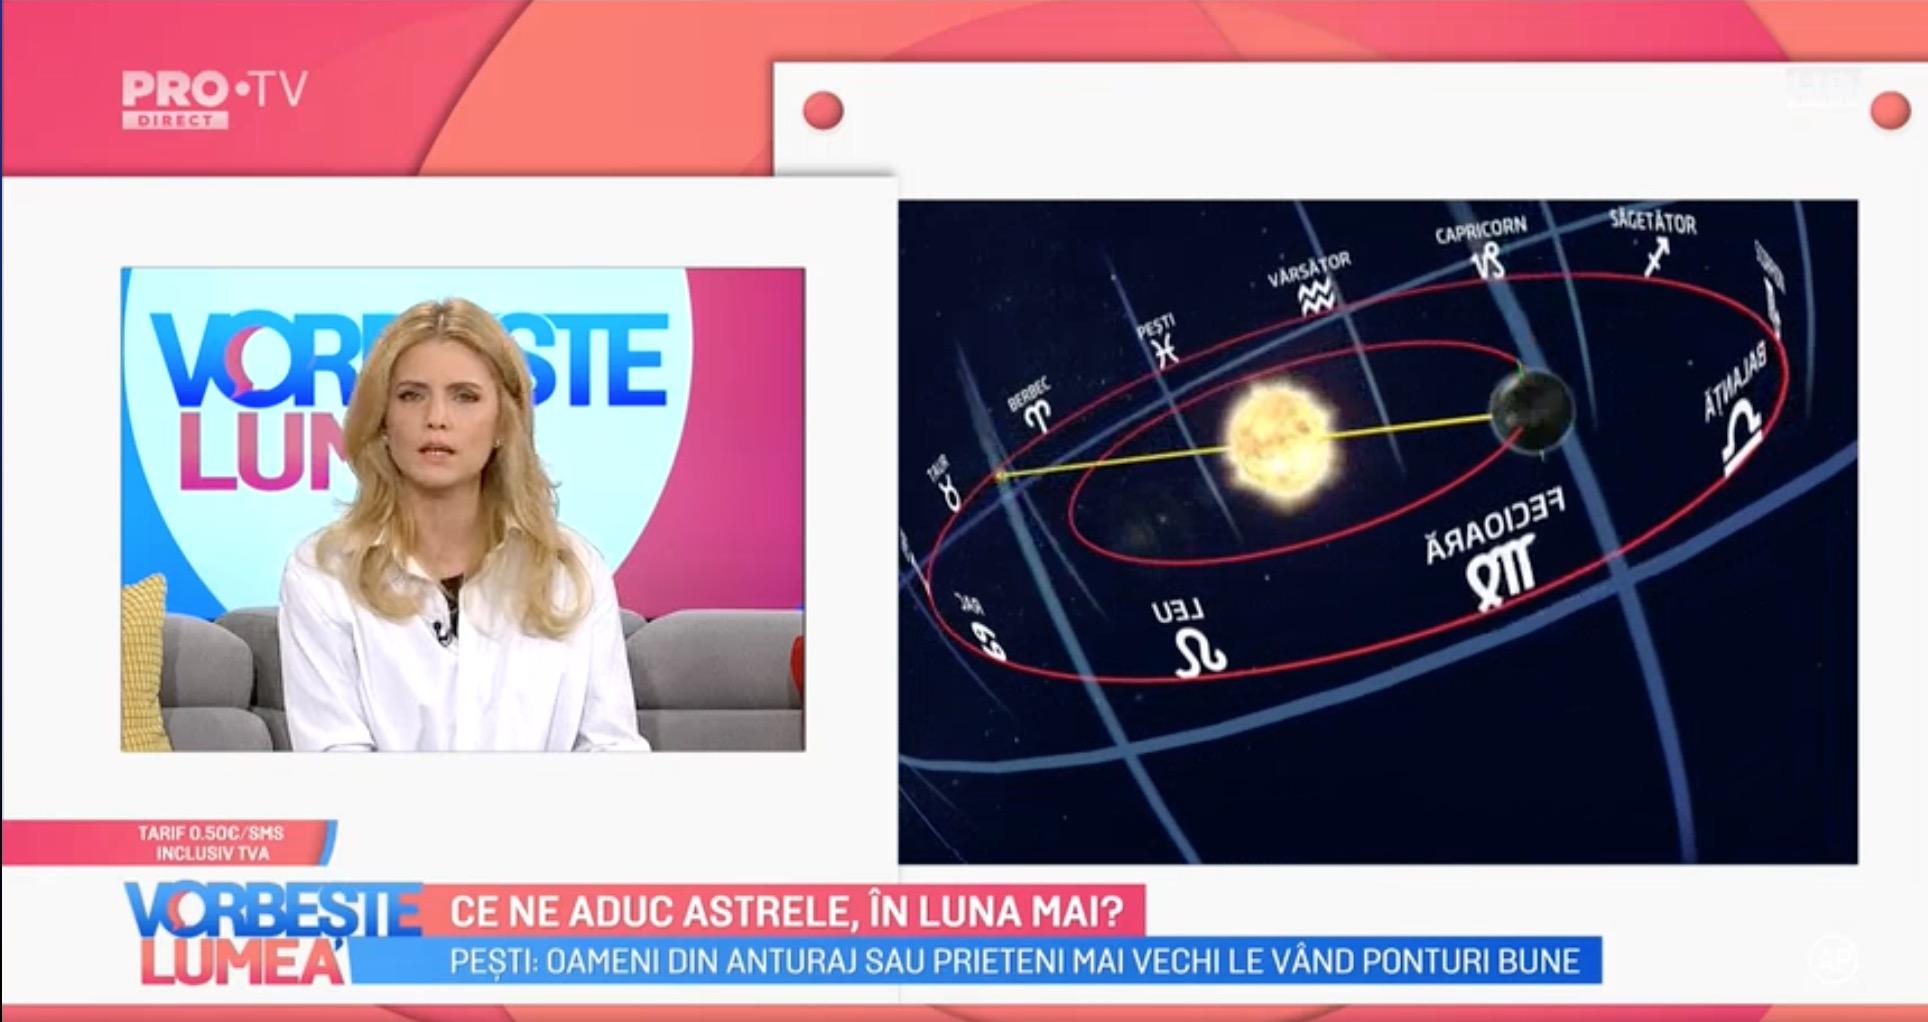 Nicoleta Svârlefus horoscop luna mai 2019 - o perioadă plină de tentații și provocări